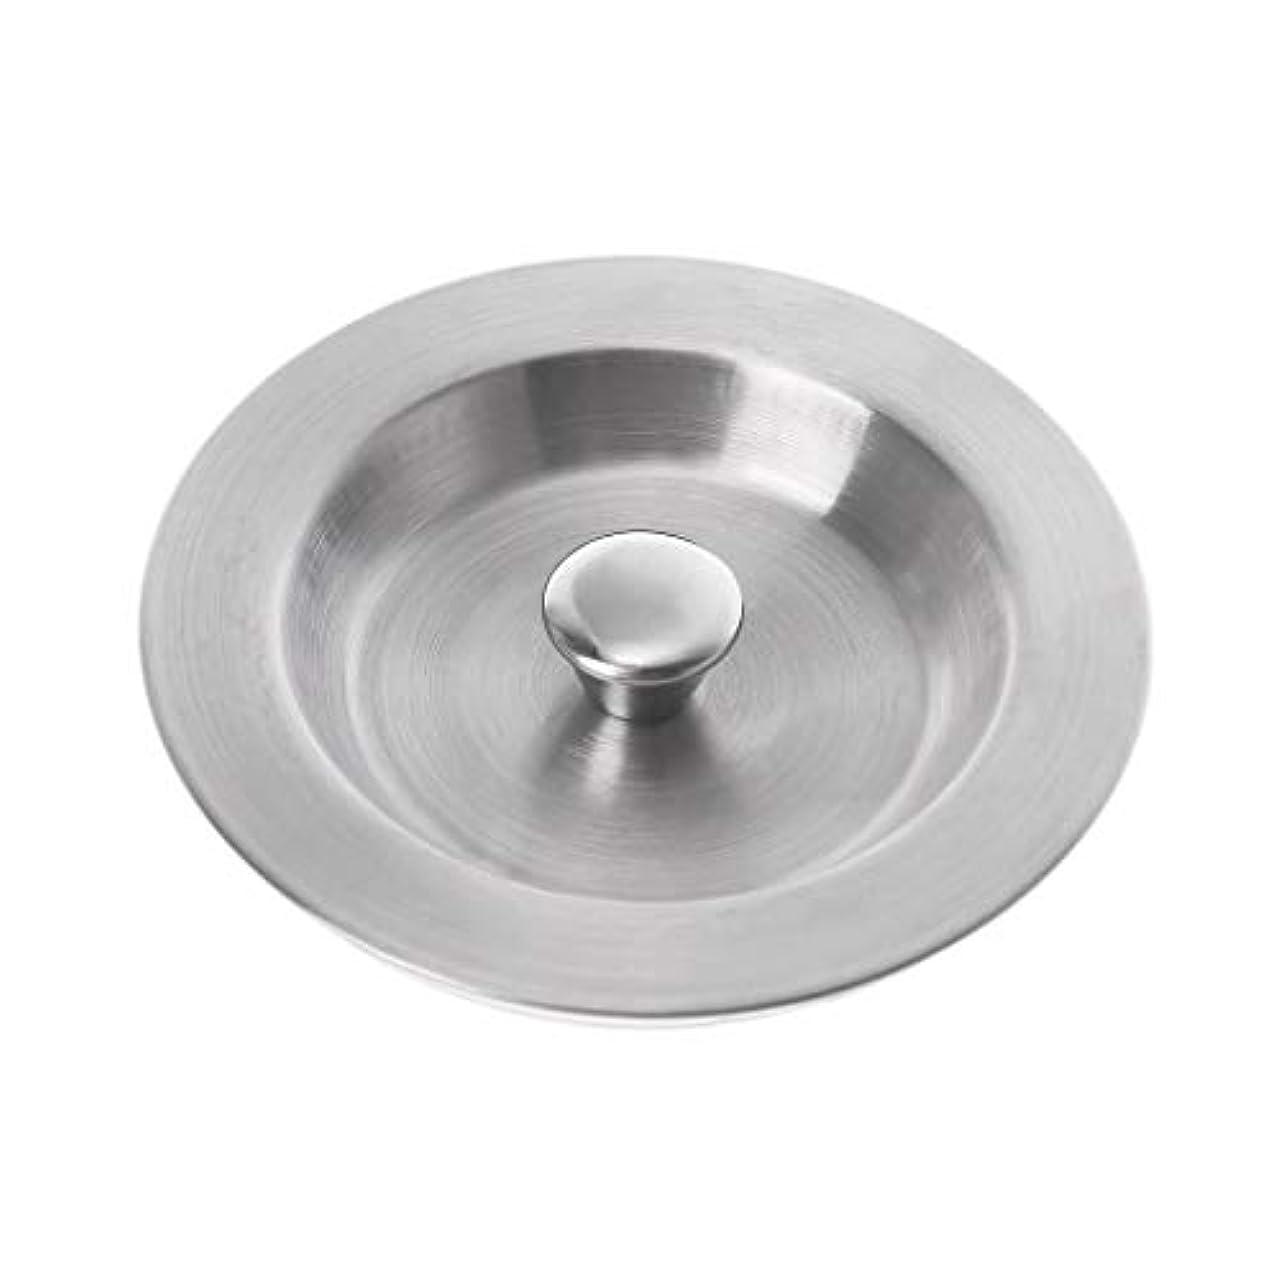 カロリー排気不適切なLamdooキッチンステンレス鋼浴槽フィルターシンクフロアプラグランドリーバスルームウォーターストッパーキャップツール